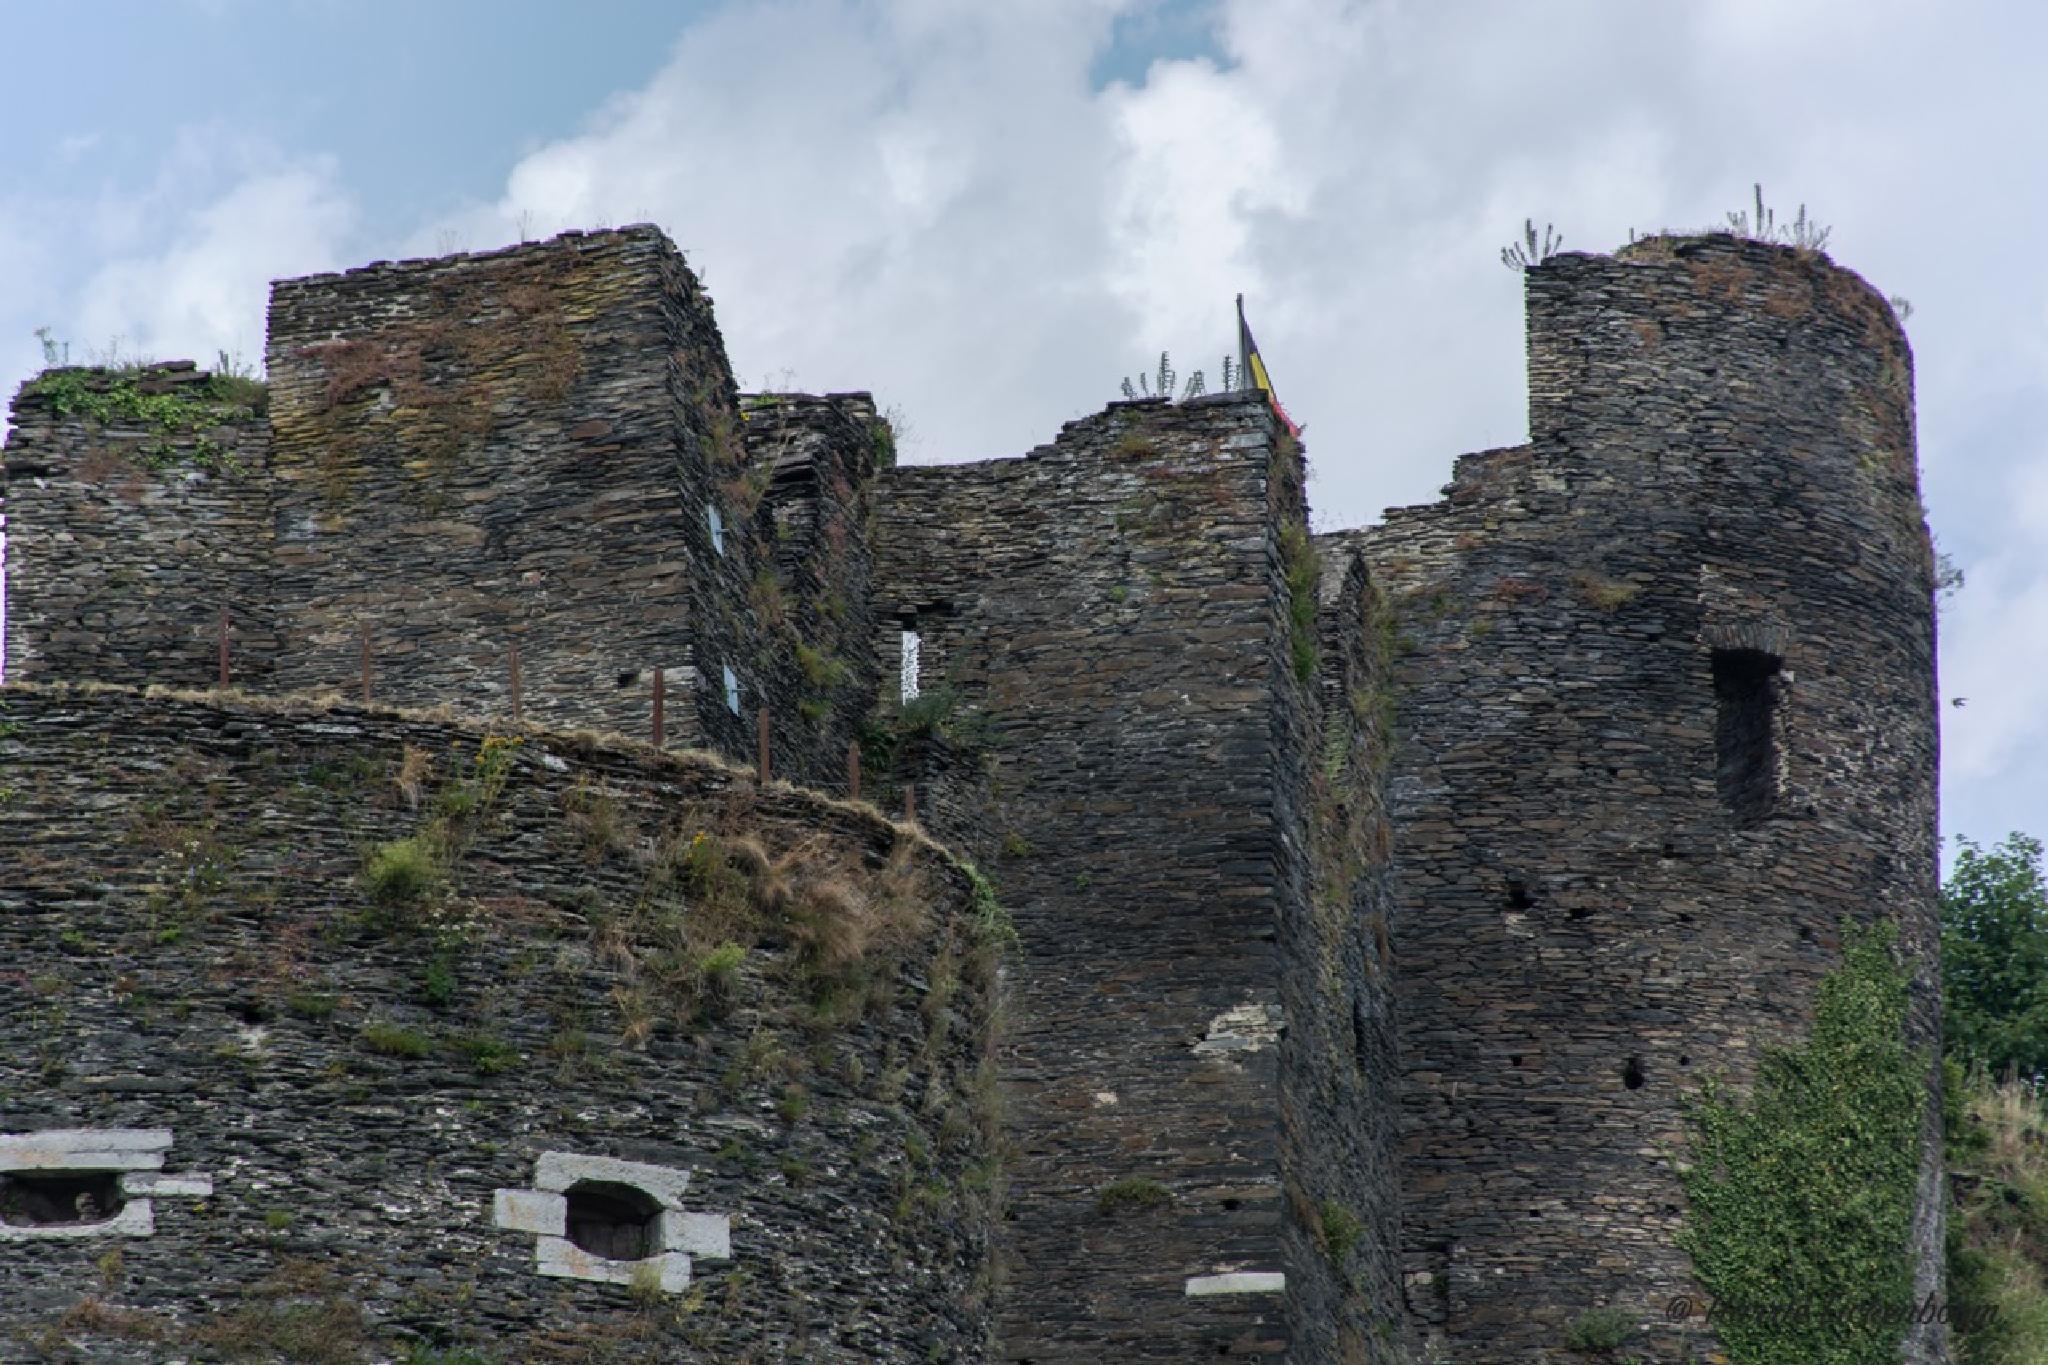 Le chateau Feodal. La Roche-en- Ardenne by Harrie Eickenboom.